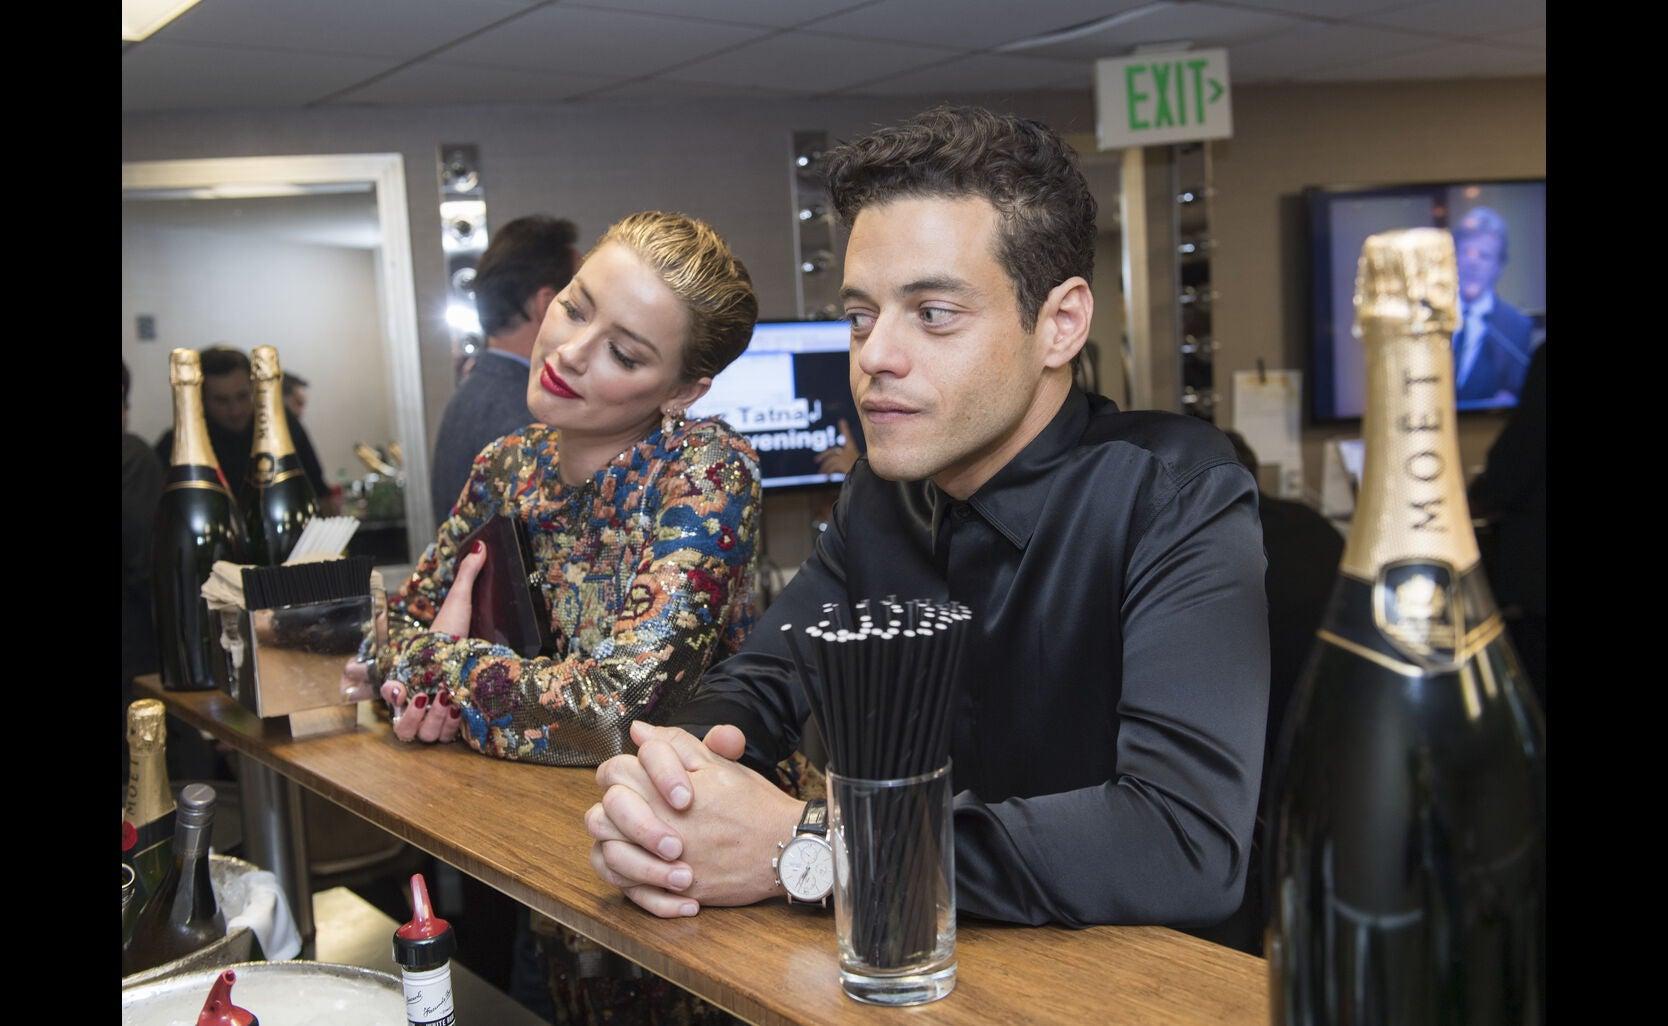 Rami Malek and Amber Heard